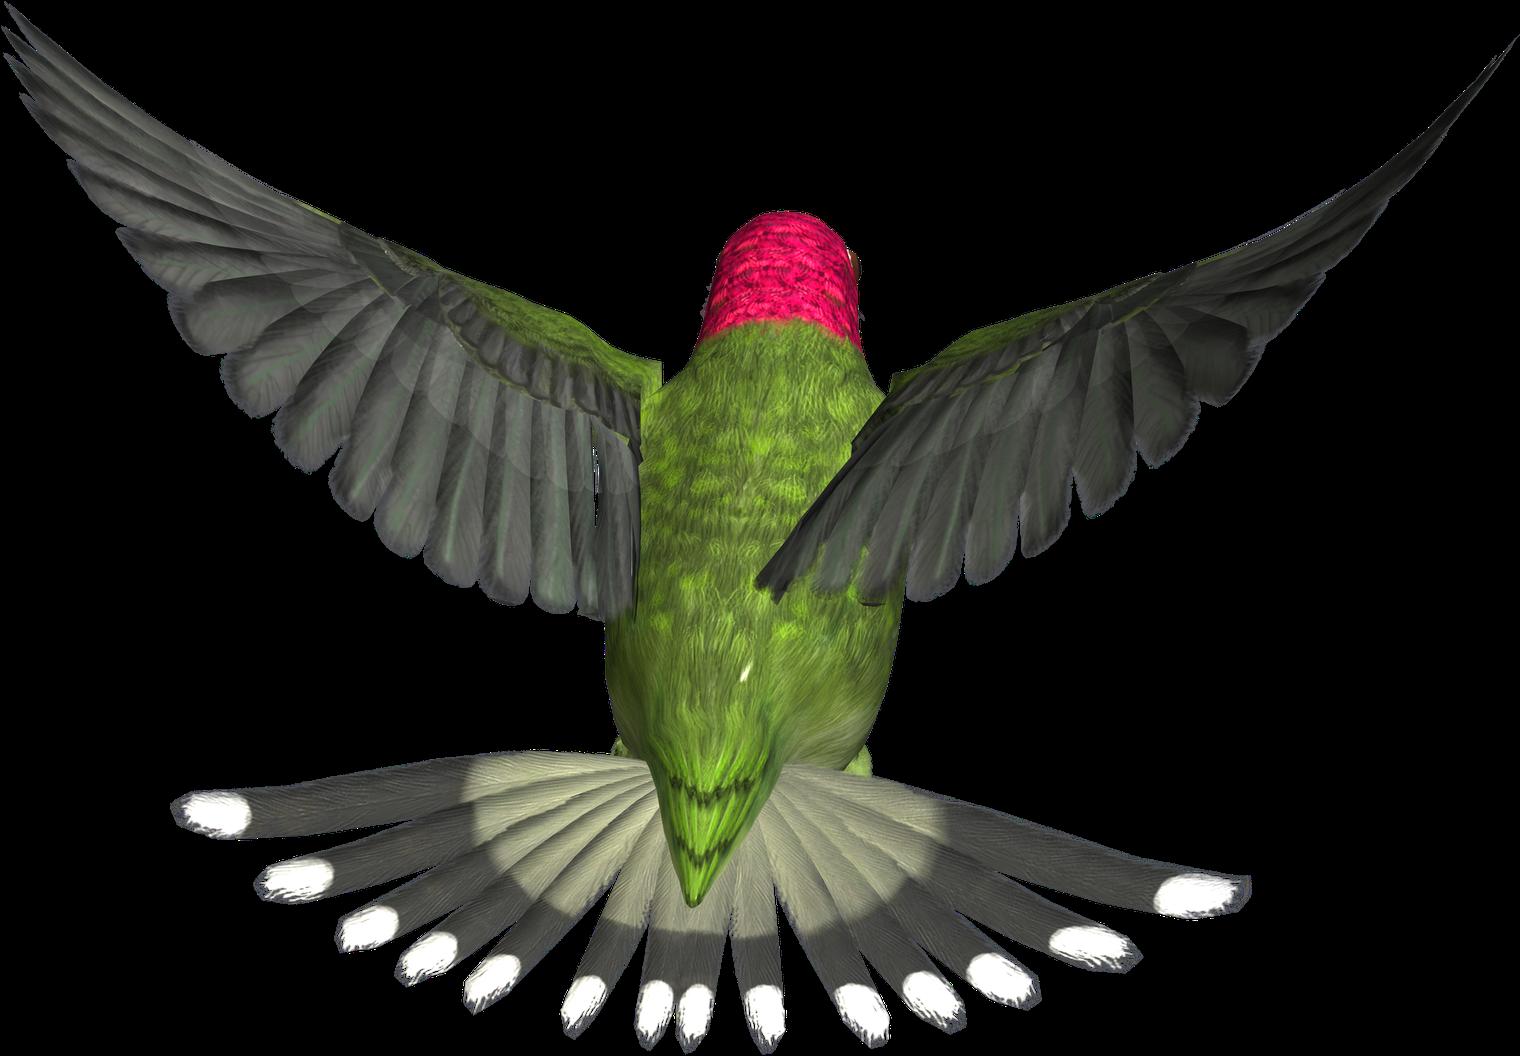 Download Bird Png.